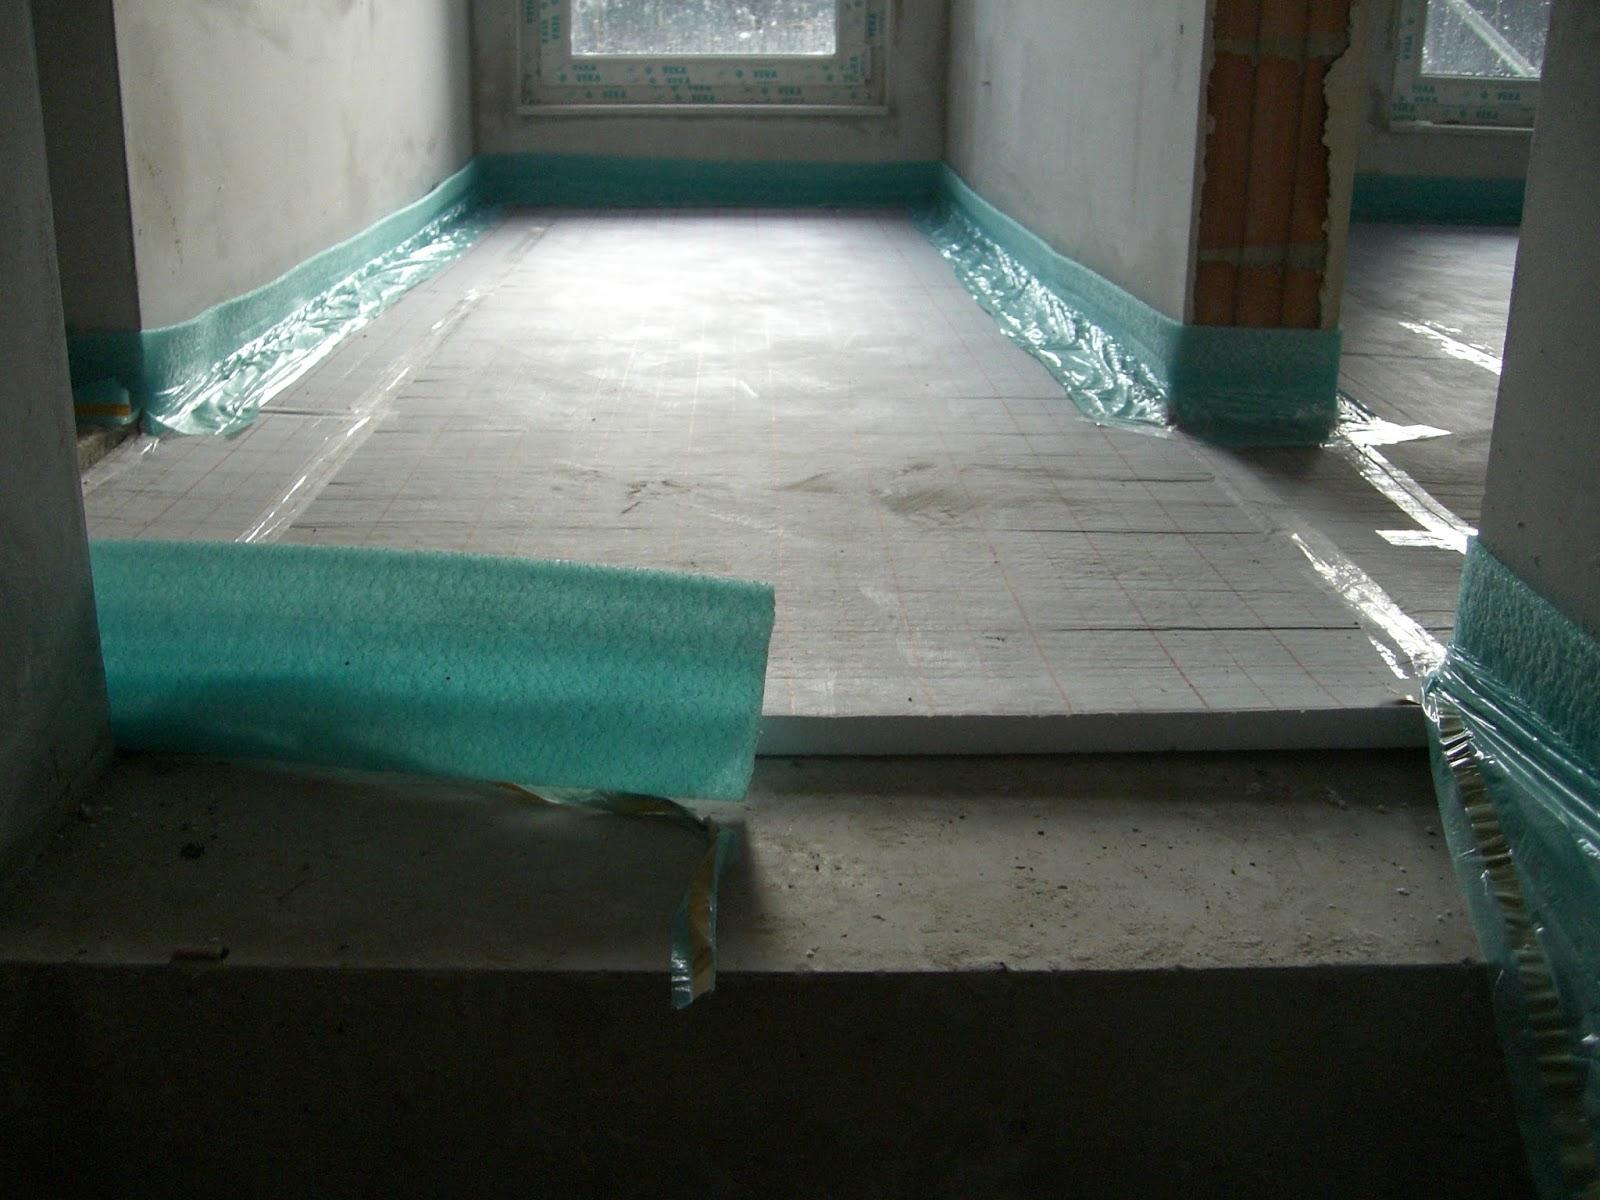 baubericht dachstrift sanit rarbeiten gehen voran d mmung f r fu bodenheizung fertiggestellt. Black Bedroom Furniture Sets. Home Design Ideas